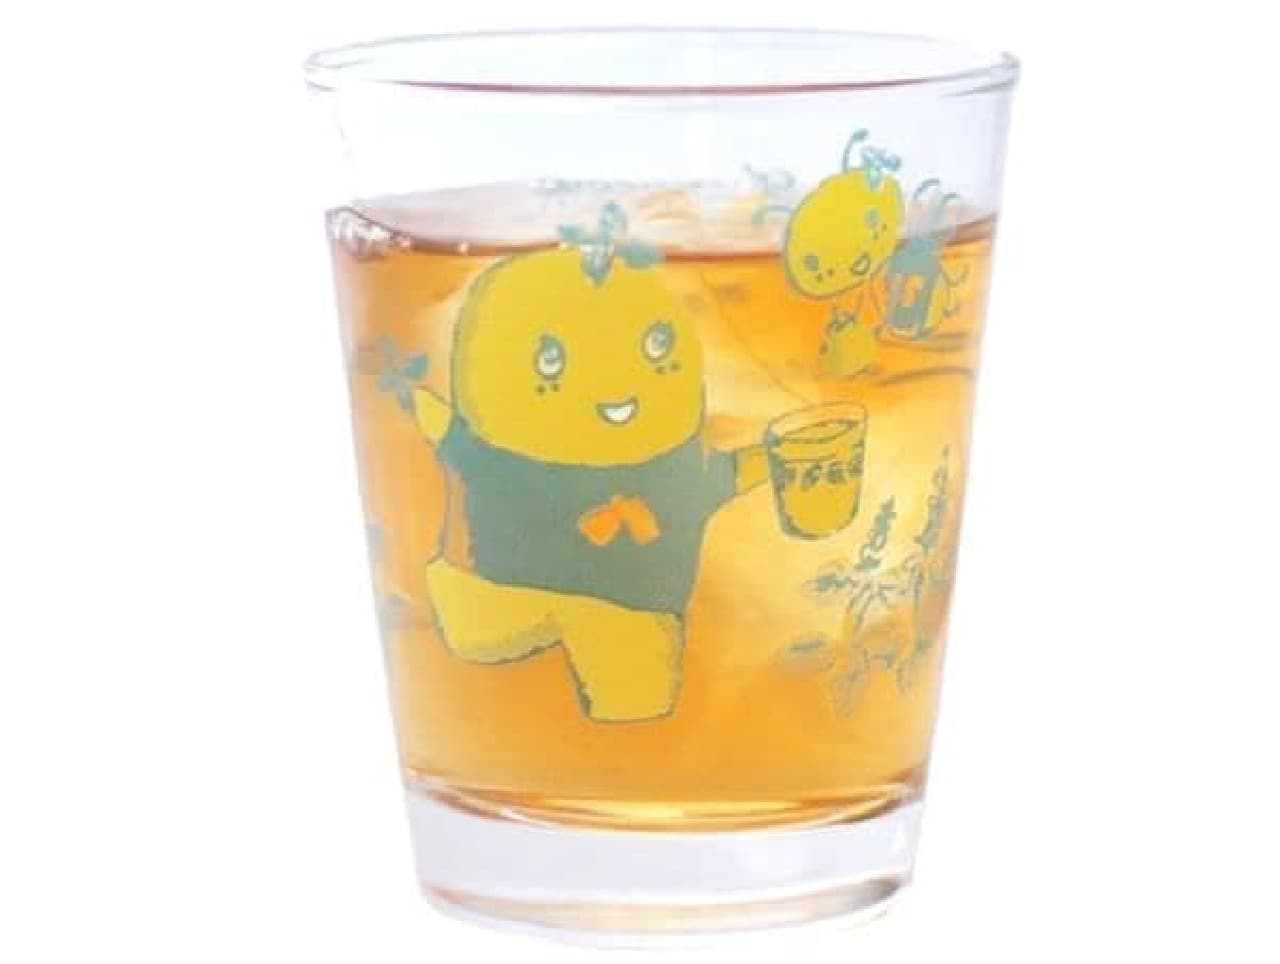 「FUNATTEA! 水出し紅茶」は2016年に発売し好評だった「FUNATTEA!」の水出し紅茶